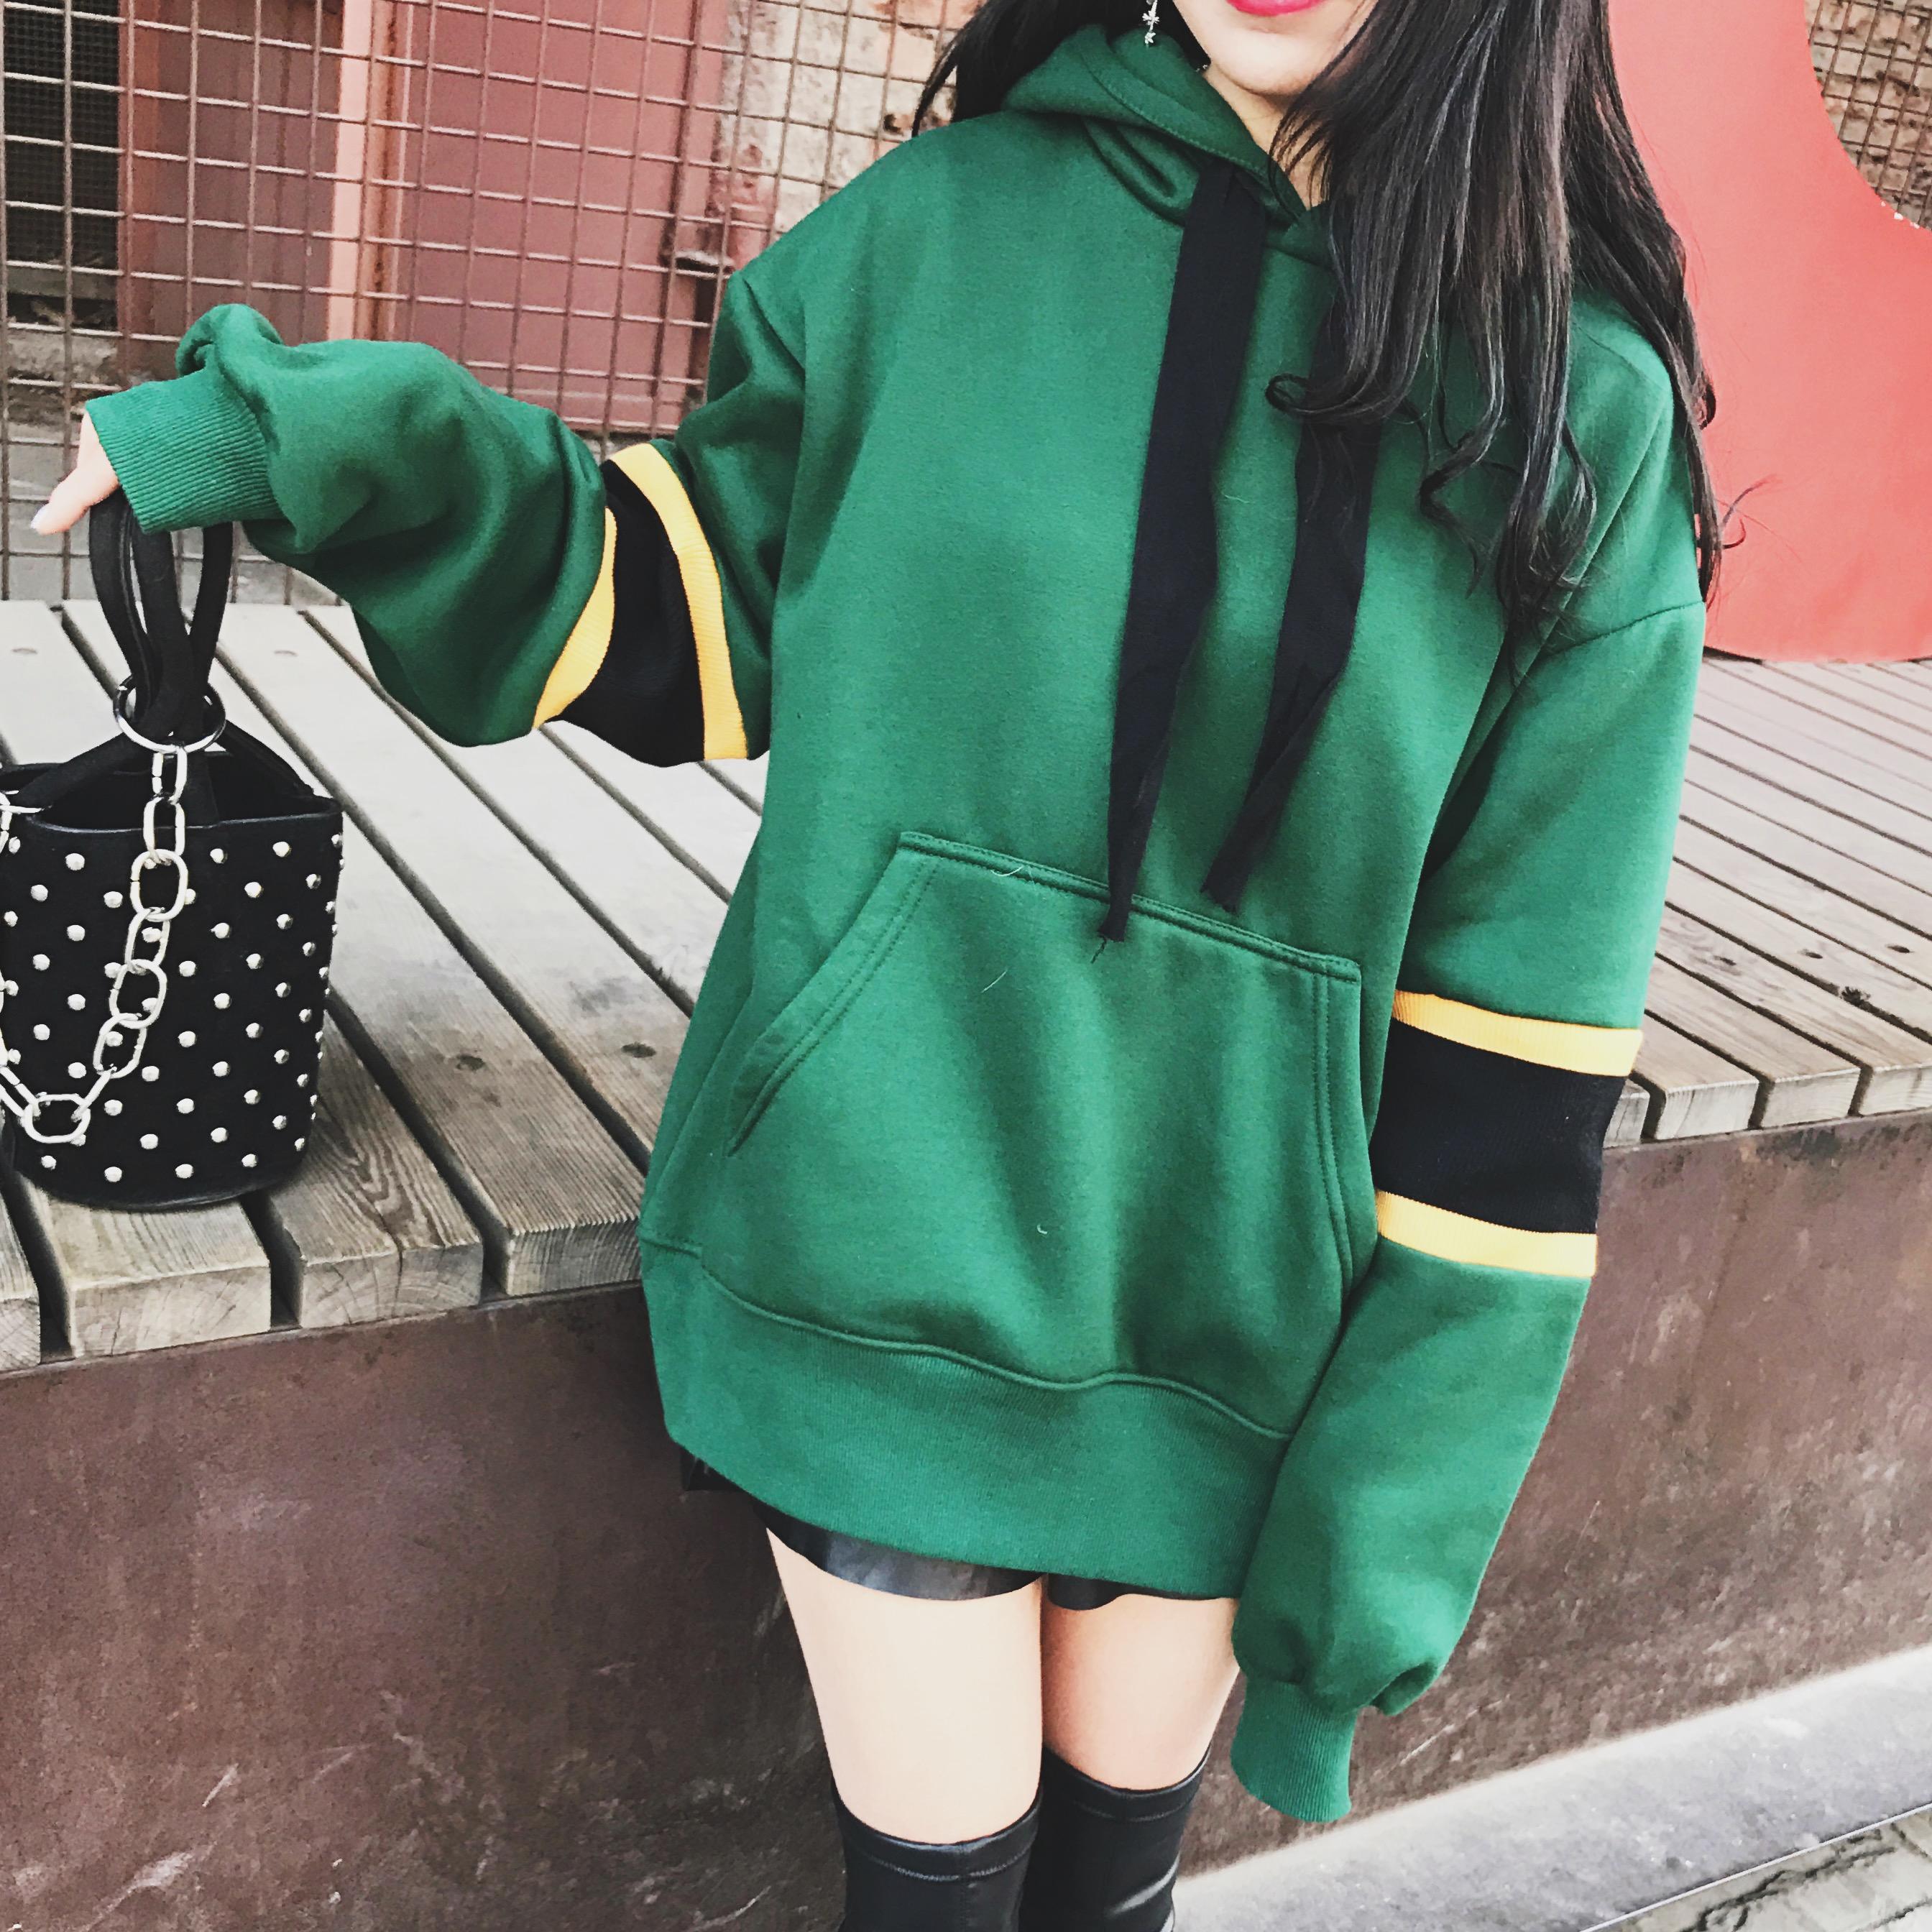 绿色卫衣 军绿色加绒加厚连帽卫衣女套头短款宽松秋冬装外套韩国学生bf潮_推荐淘宝好看的绿色卫衣